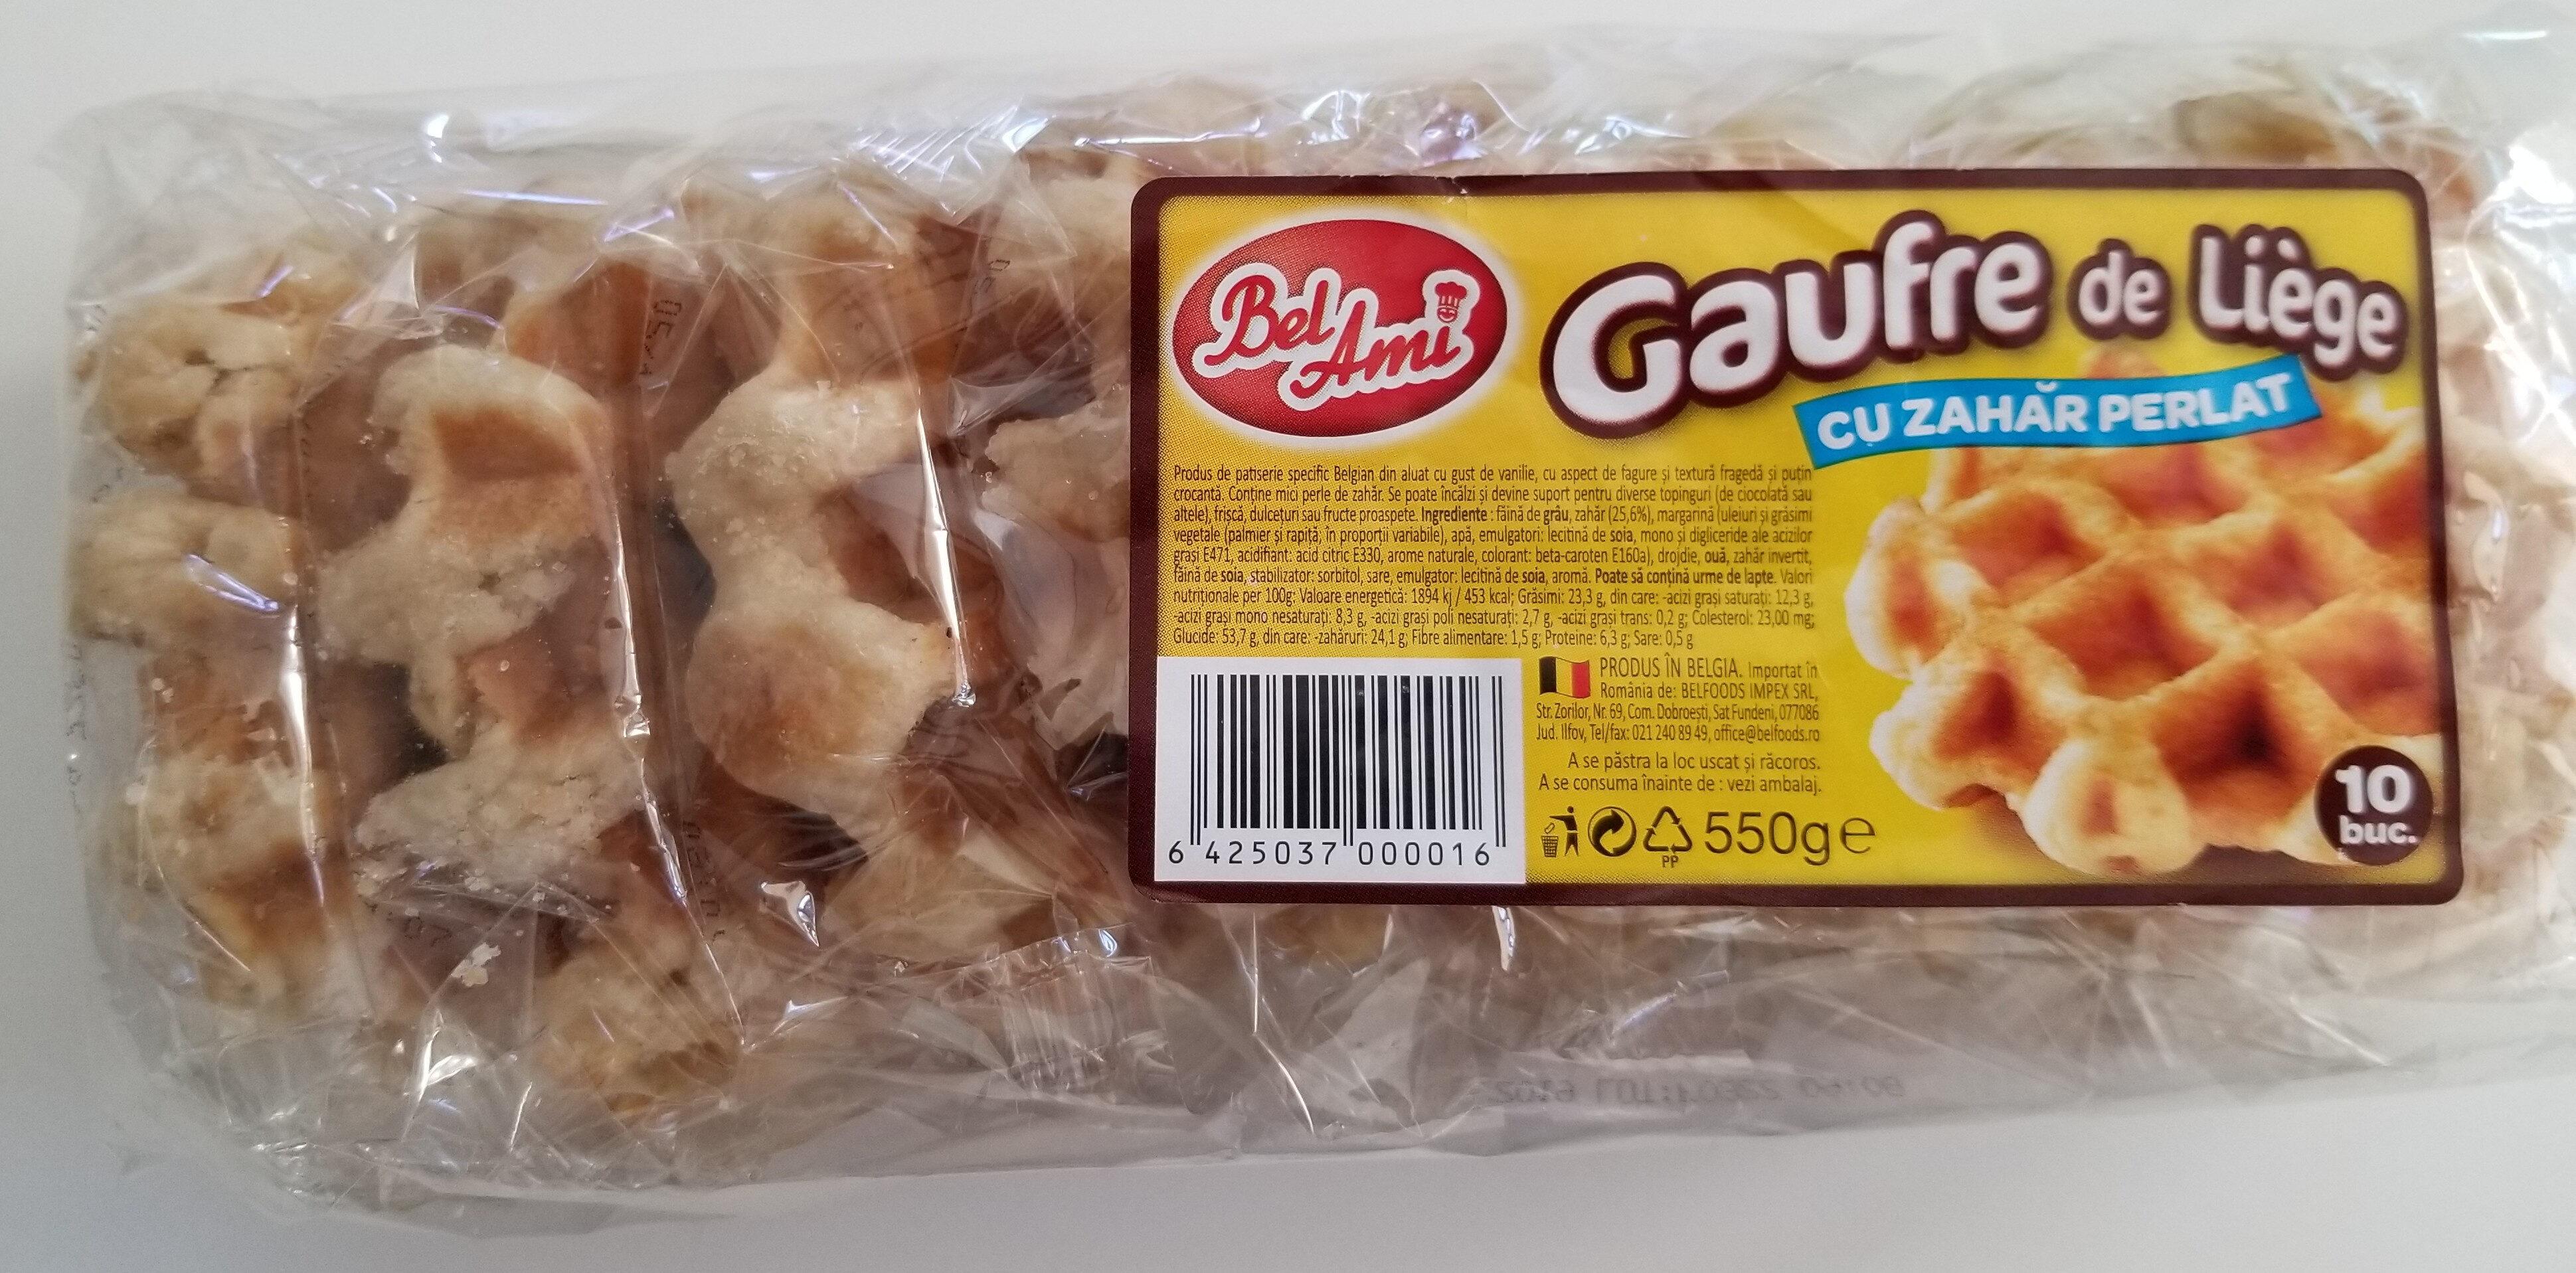 Gaufre de Liège cu zahăr perlat - Product